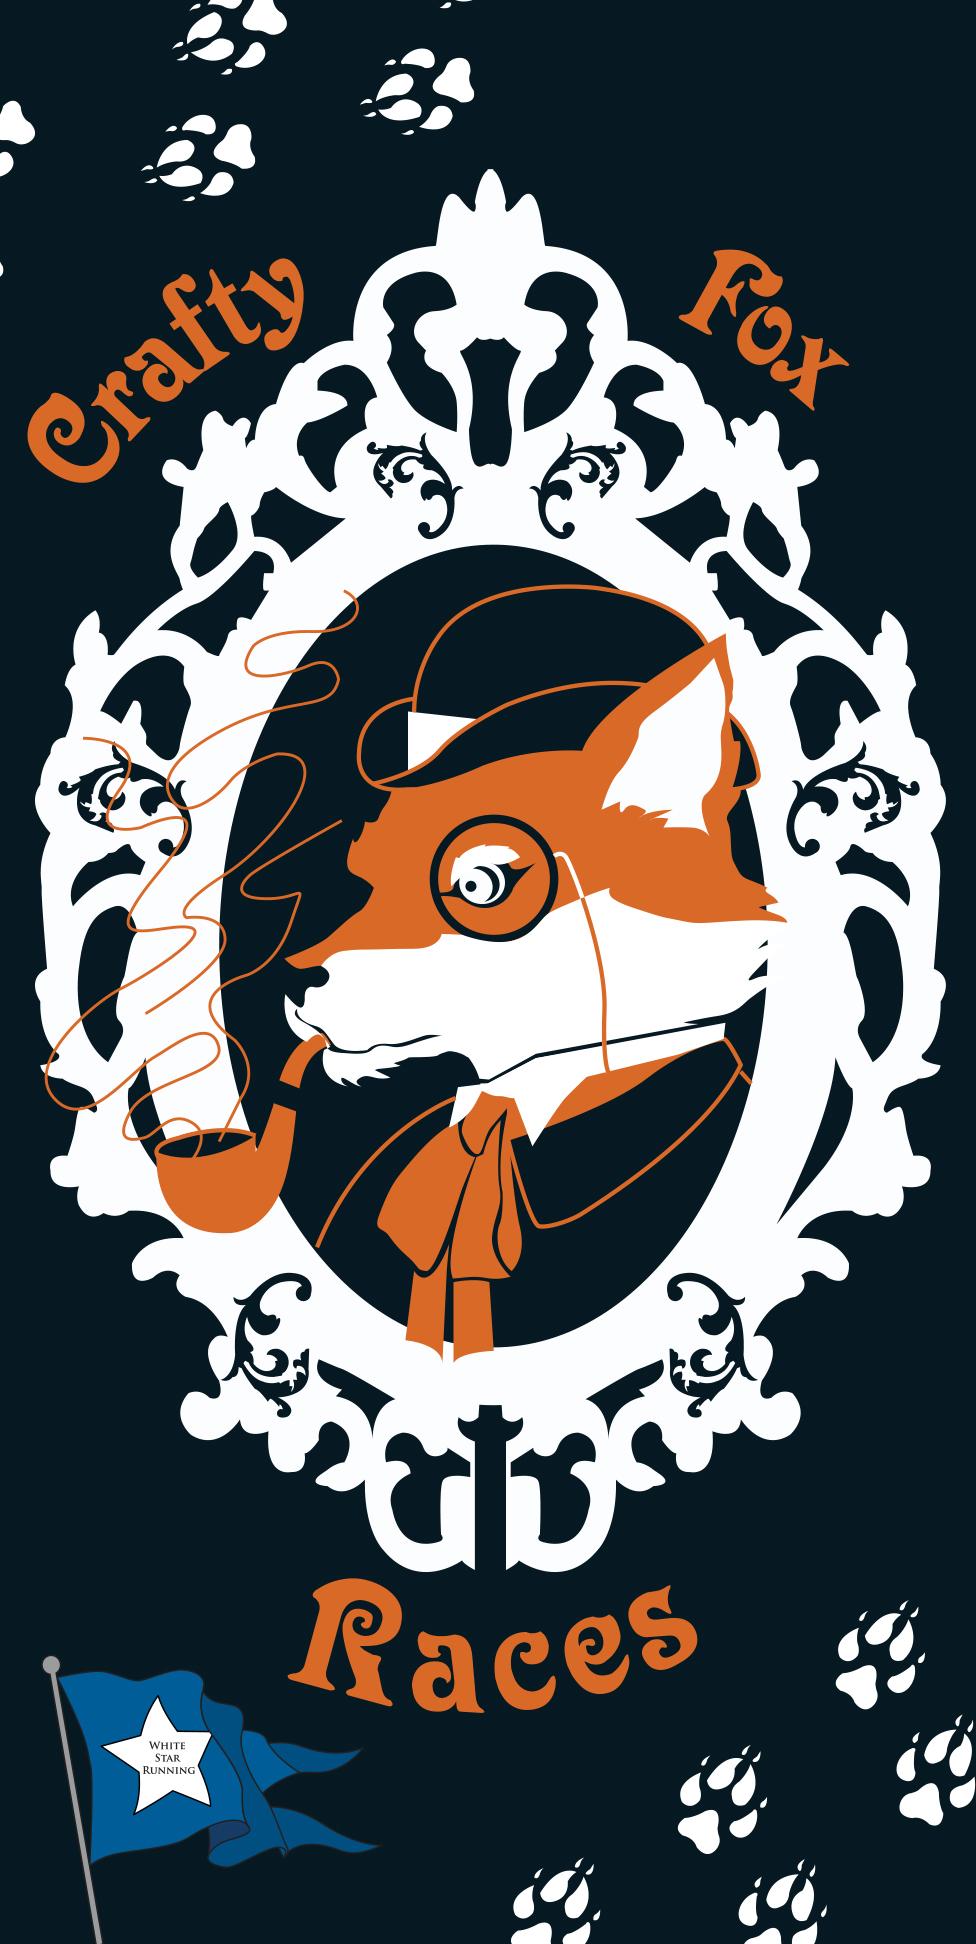 Crafty Fox Races buff